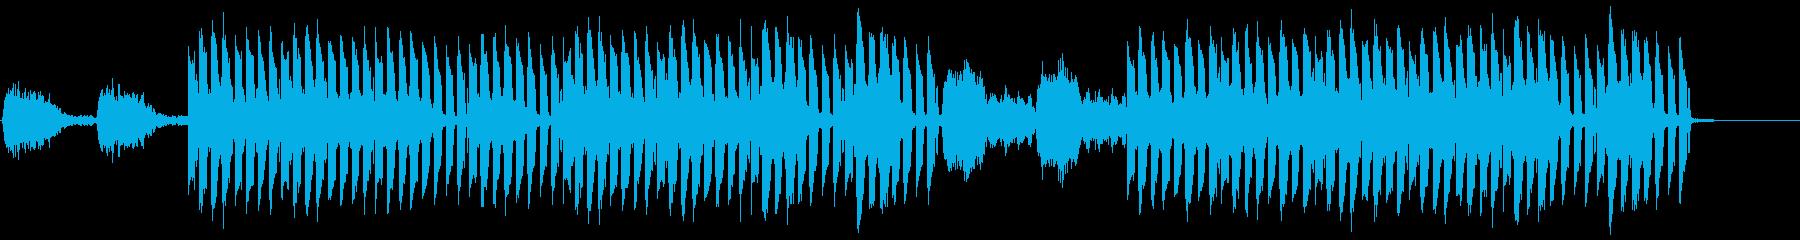 おしゃれかっこいいEDMジングル2の再生済みの波形